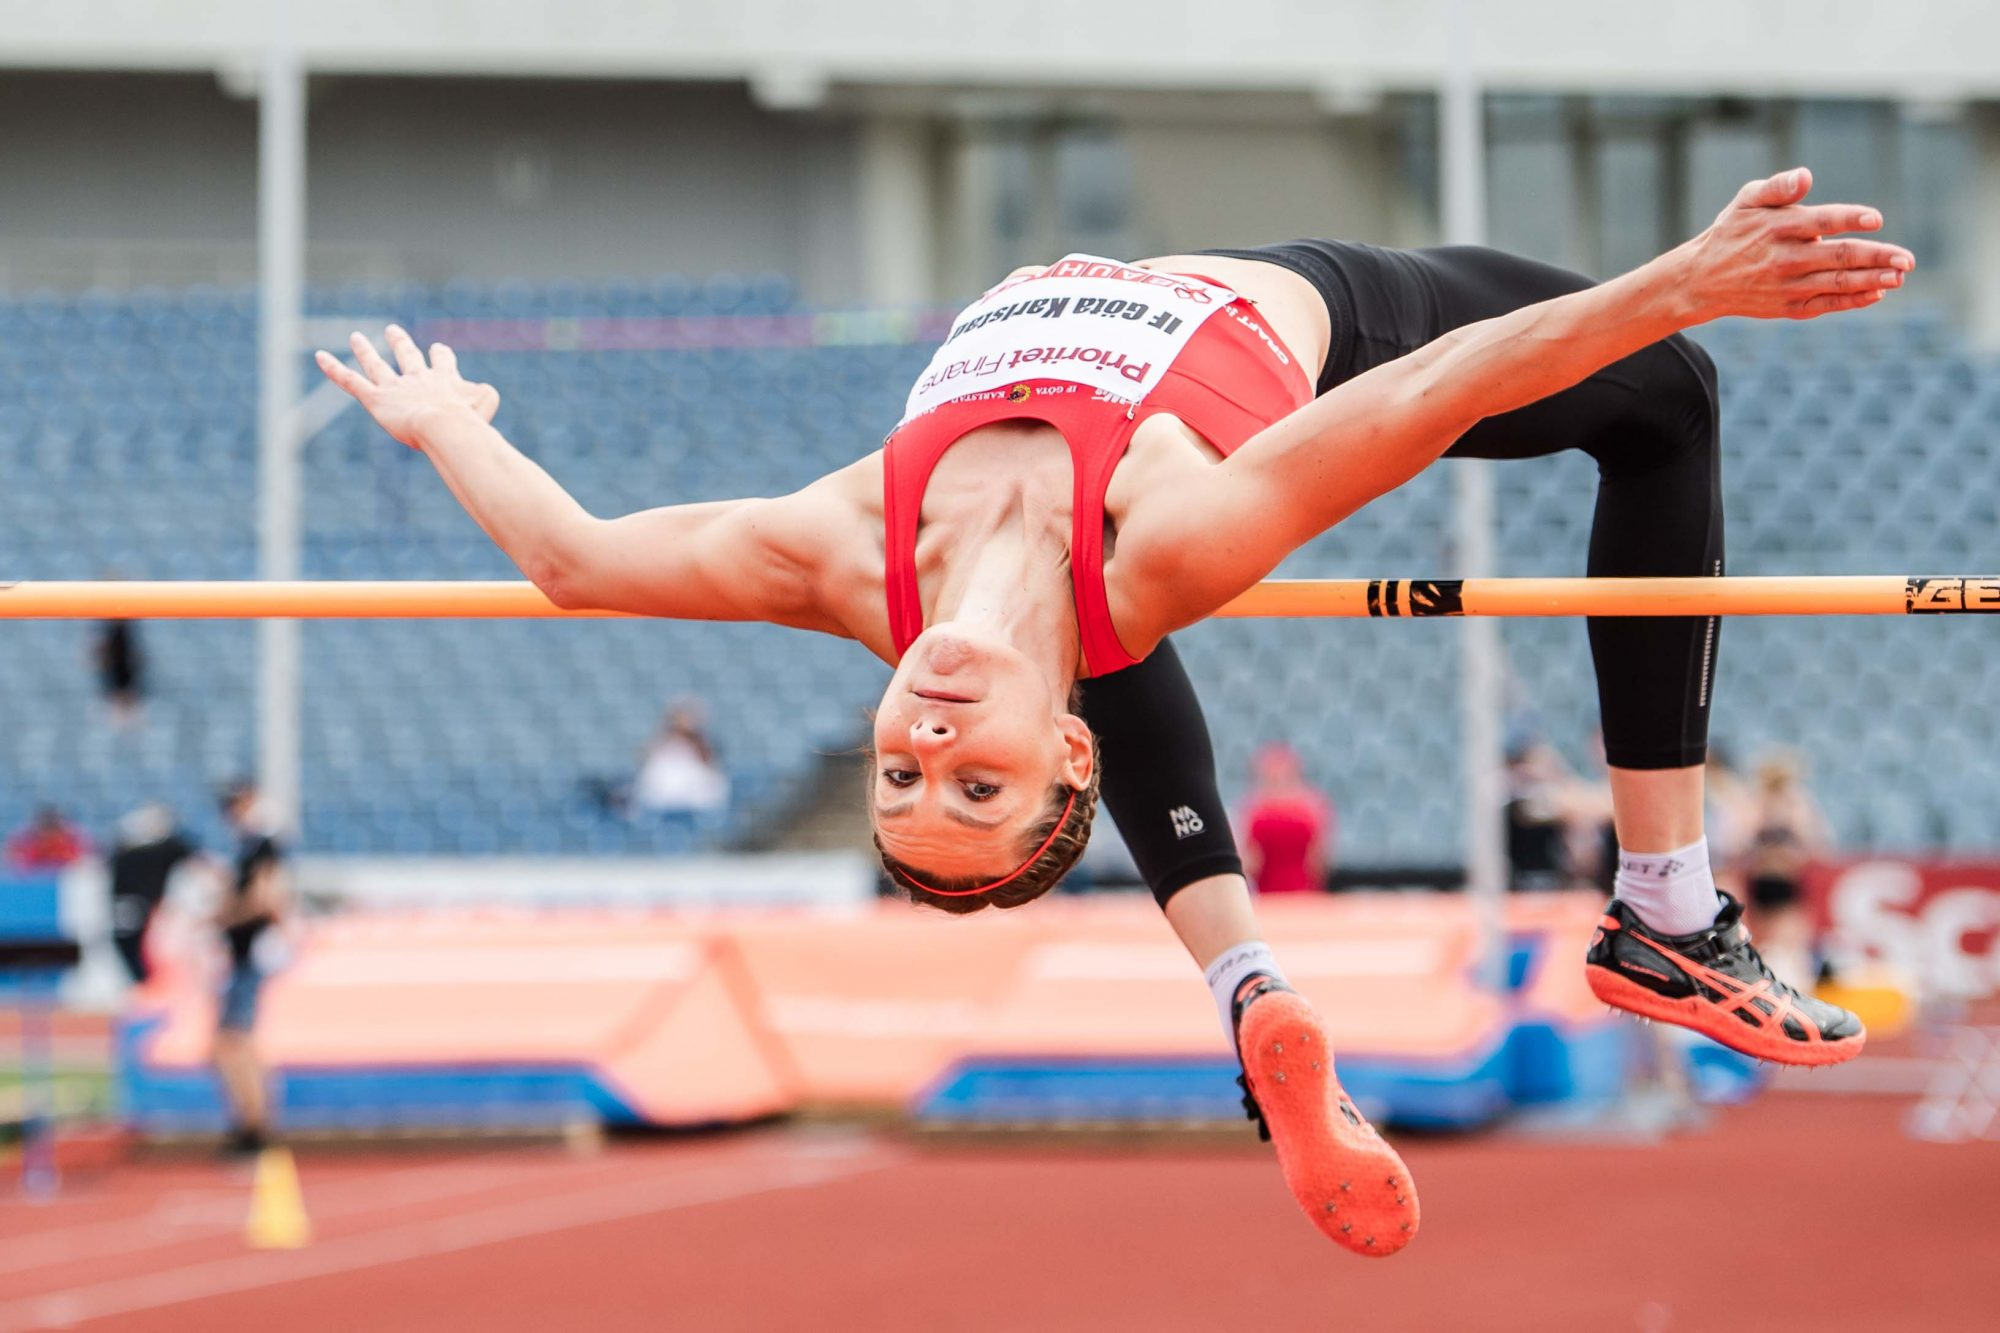 Sofie Skoog, Göta Karlstad, tävlar i damernas höjdhopp under Lag-SM i friidrott under dag 1 av SM-veckan den 26 juni 2019 i Malmö.